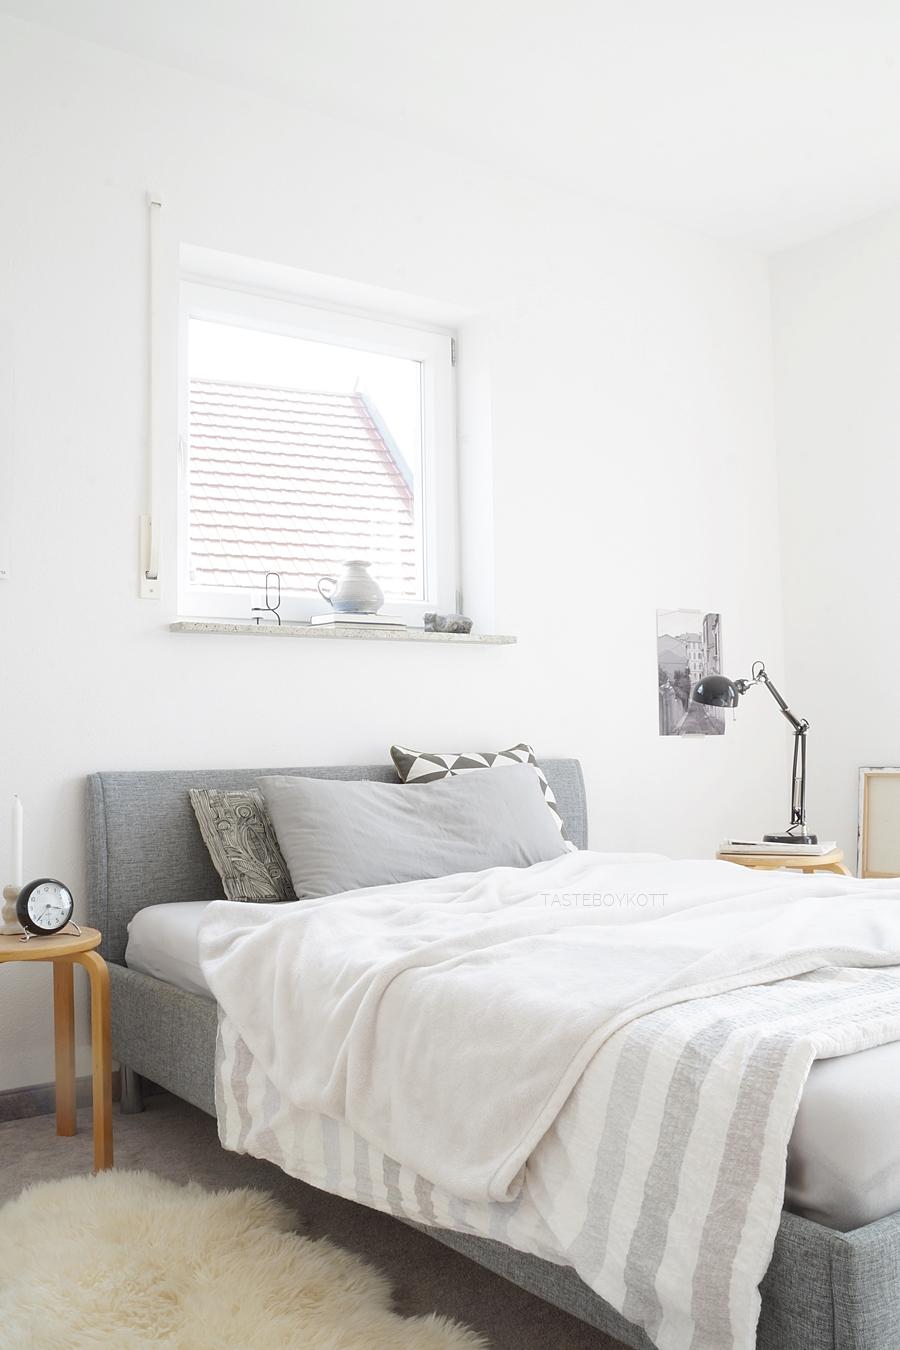 Extrem INTERIOR: Weiß, Grau, Holz. - Schlafzimmer herbstlich einrichten LO48